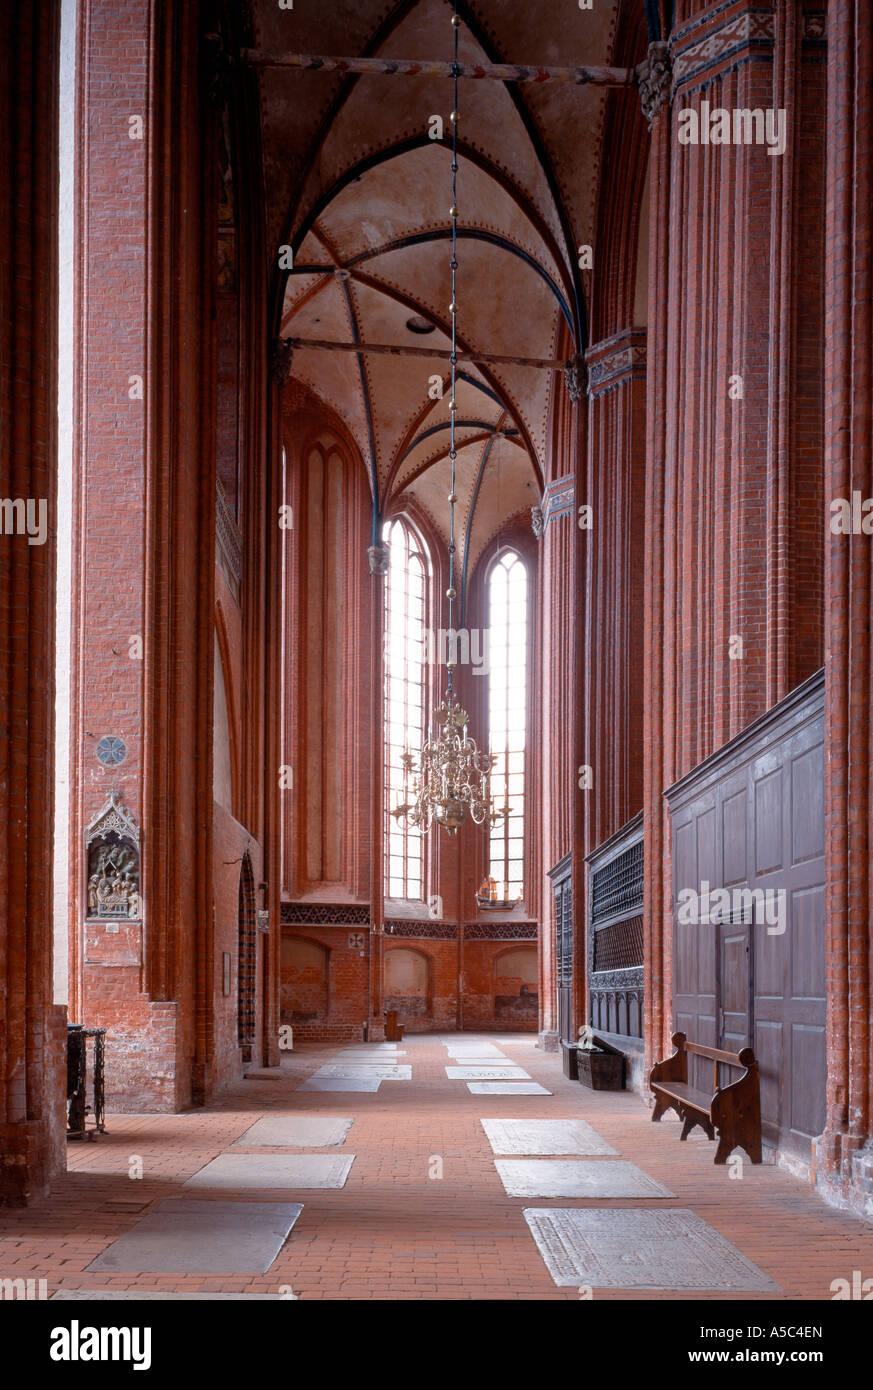 Wismar, Nikolaikirche, Nördliches Seitenschiff, Blick nach Osten - Stock Image